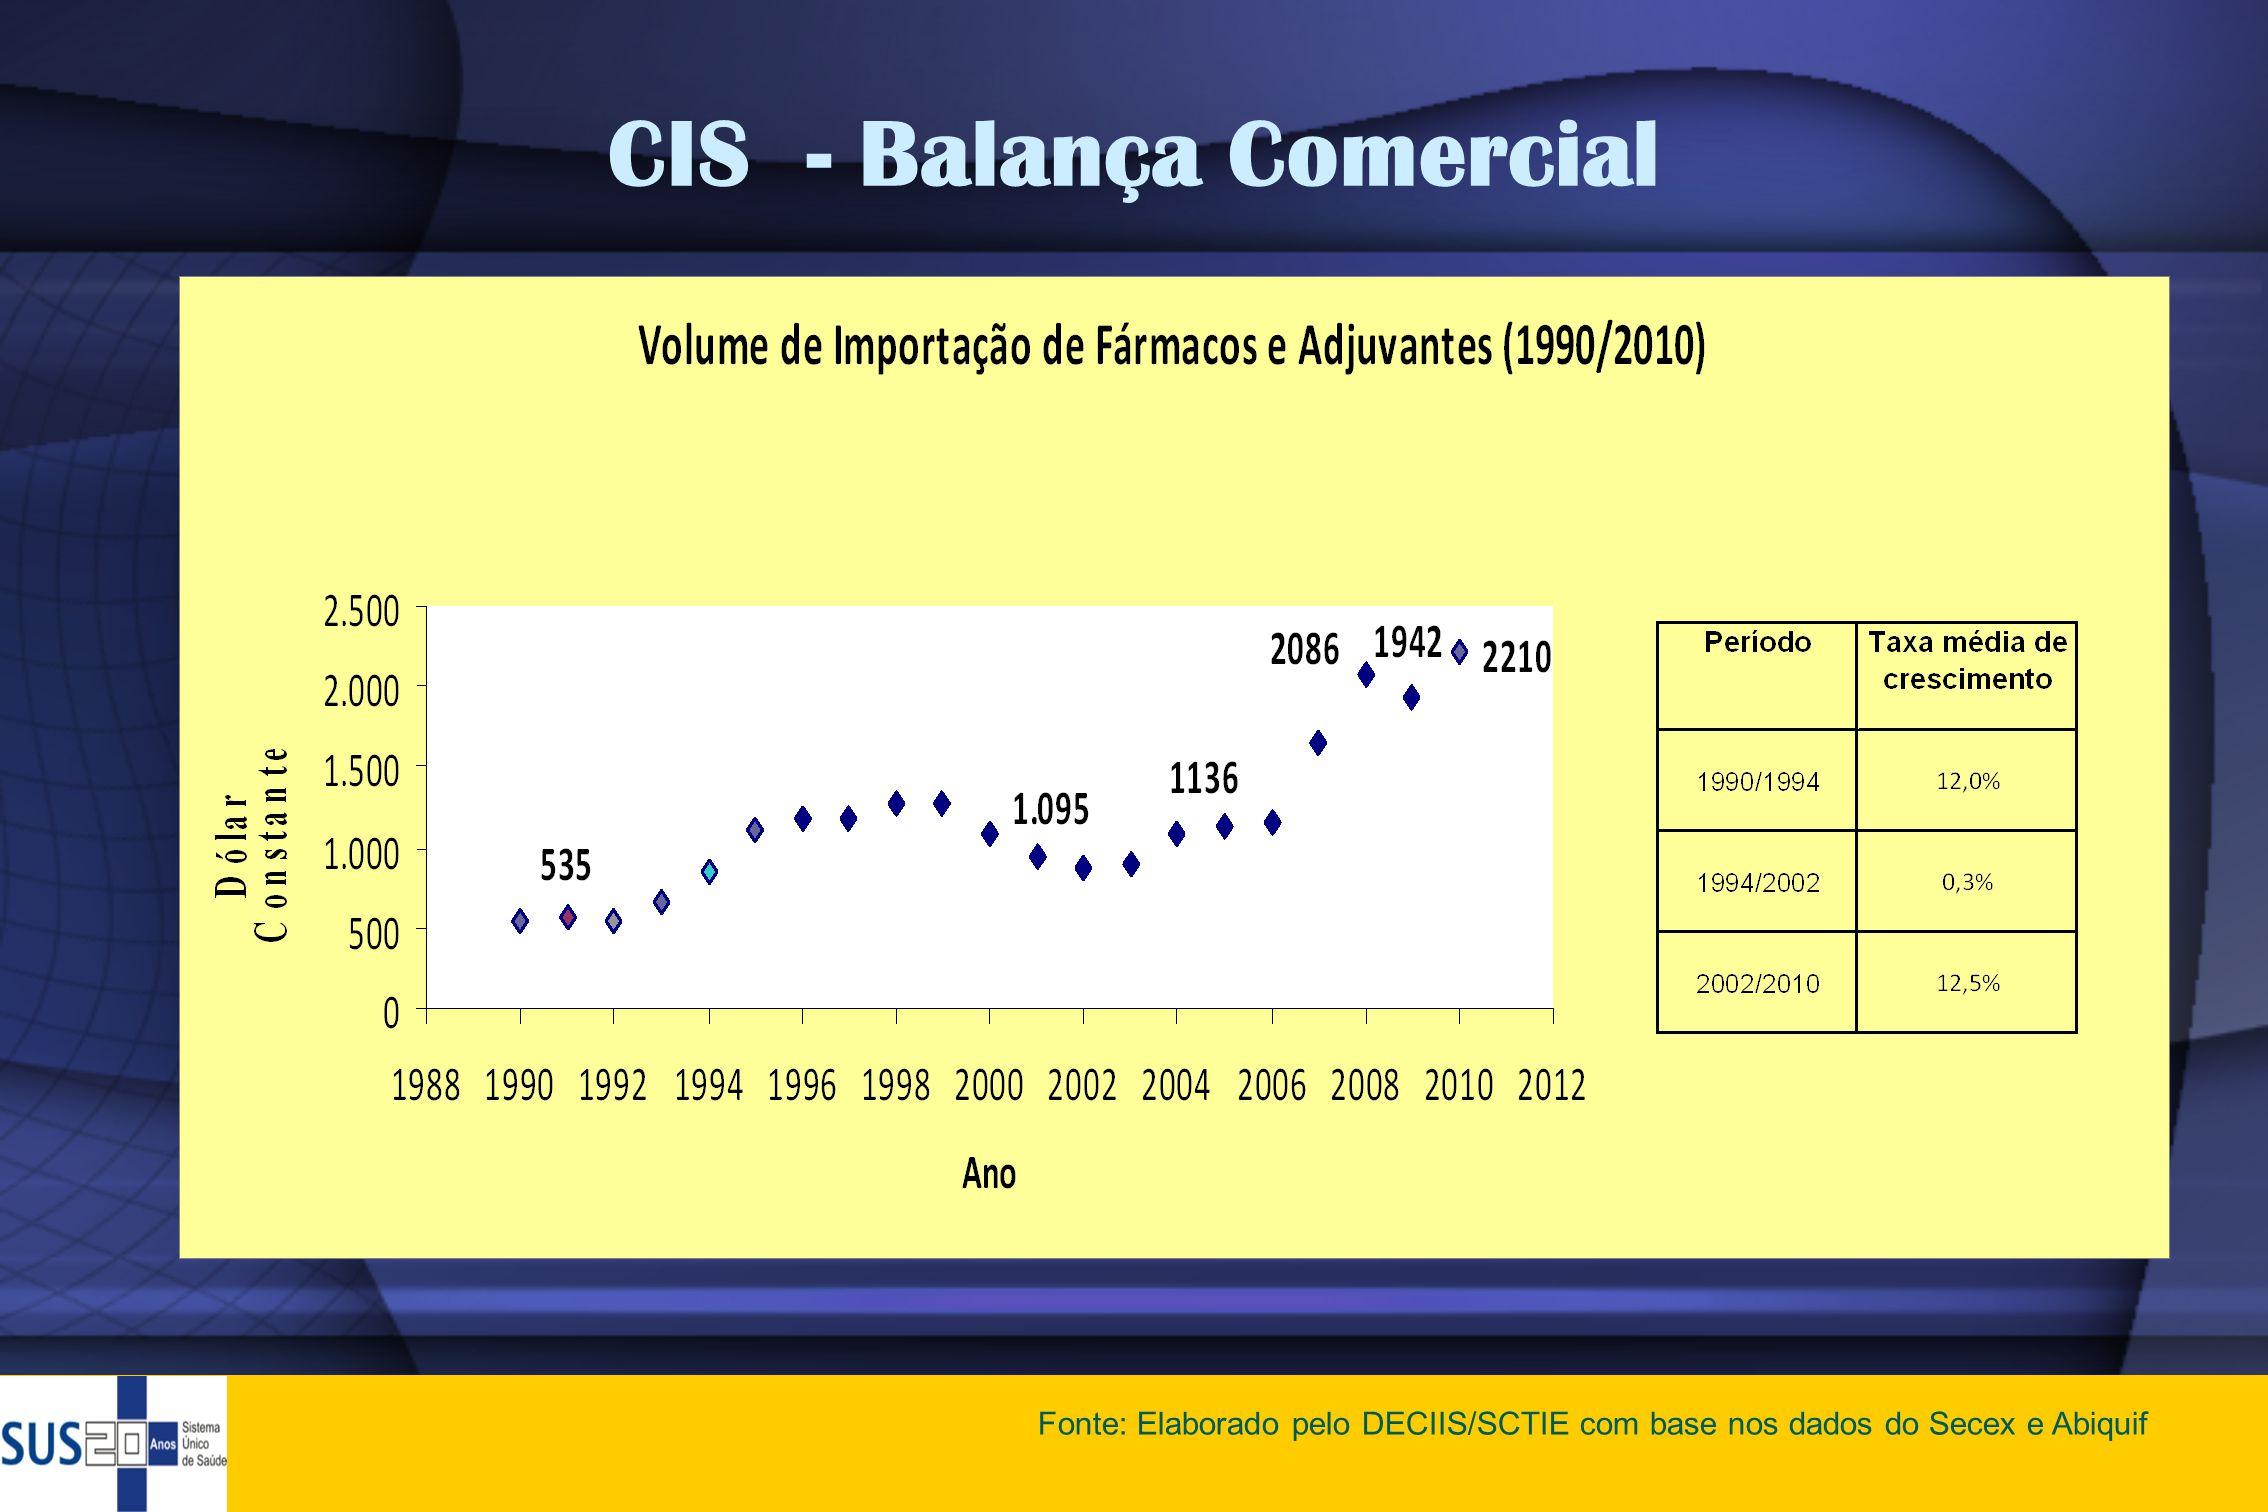 CIS - Balança Comercial Fonte: Elaborado pelo DECIIS/SCTIE com base nos dados do Secex e Abiquif